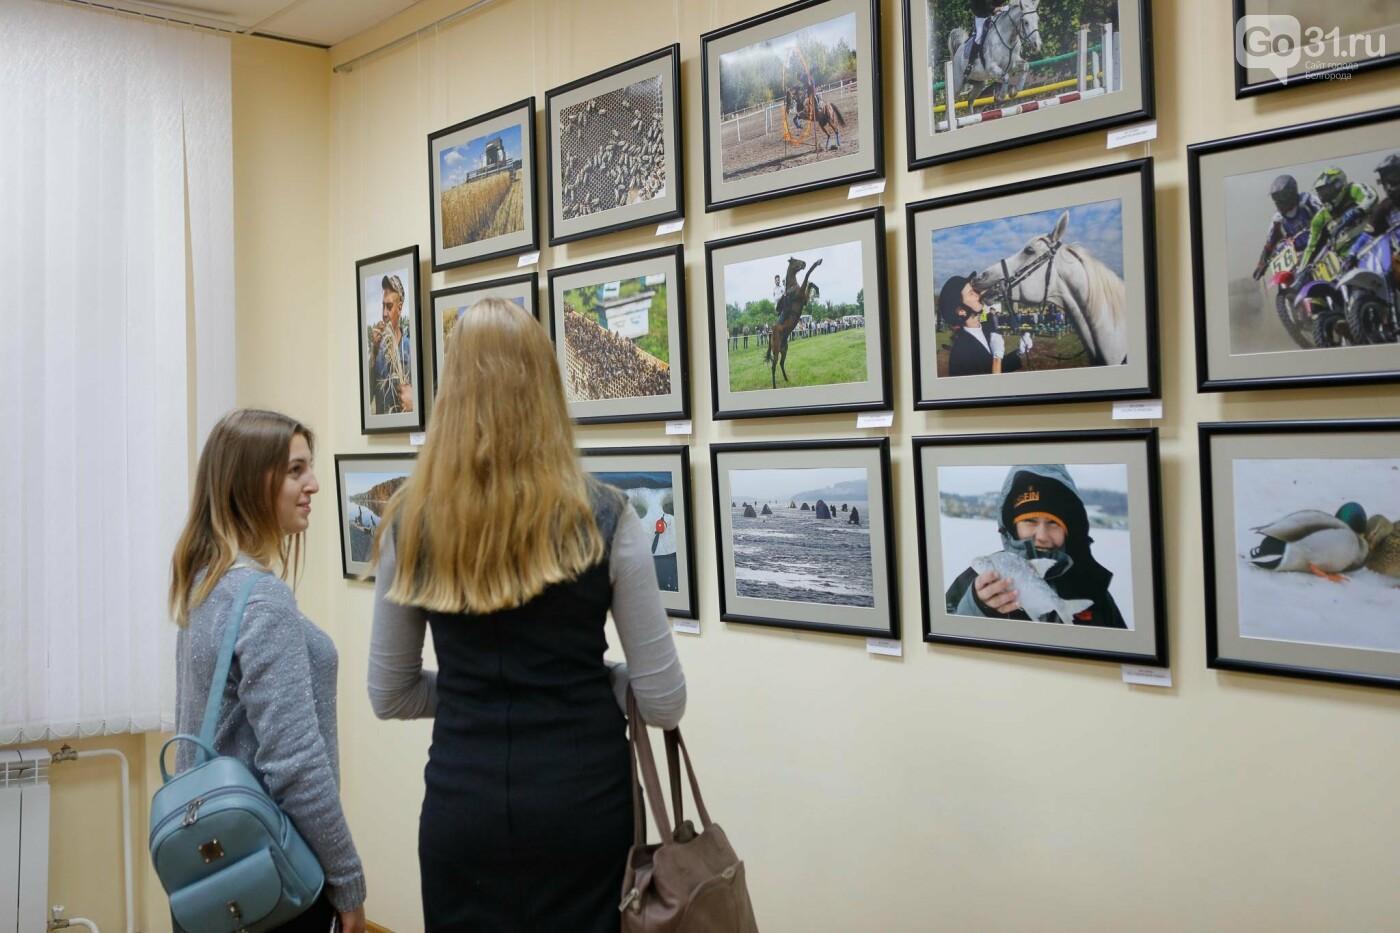 «Вежливое кредо». В Белгороде открылась персональная фотовыставка Валерия Морева, фото-18